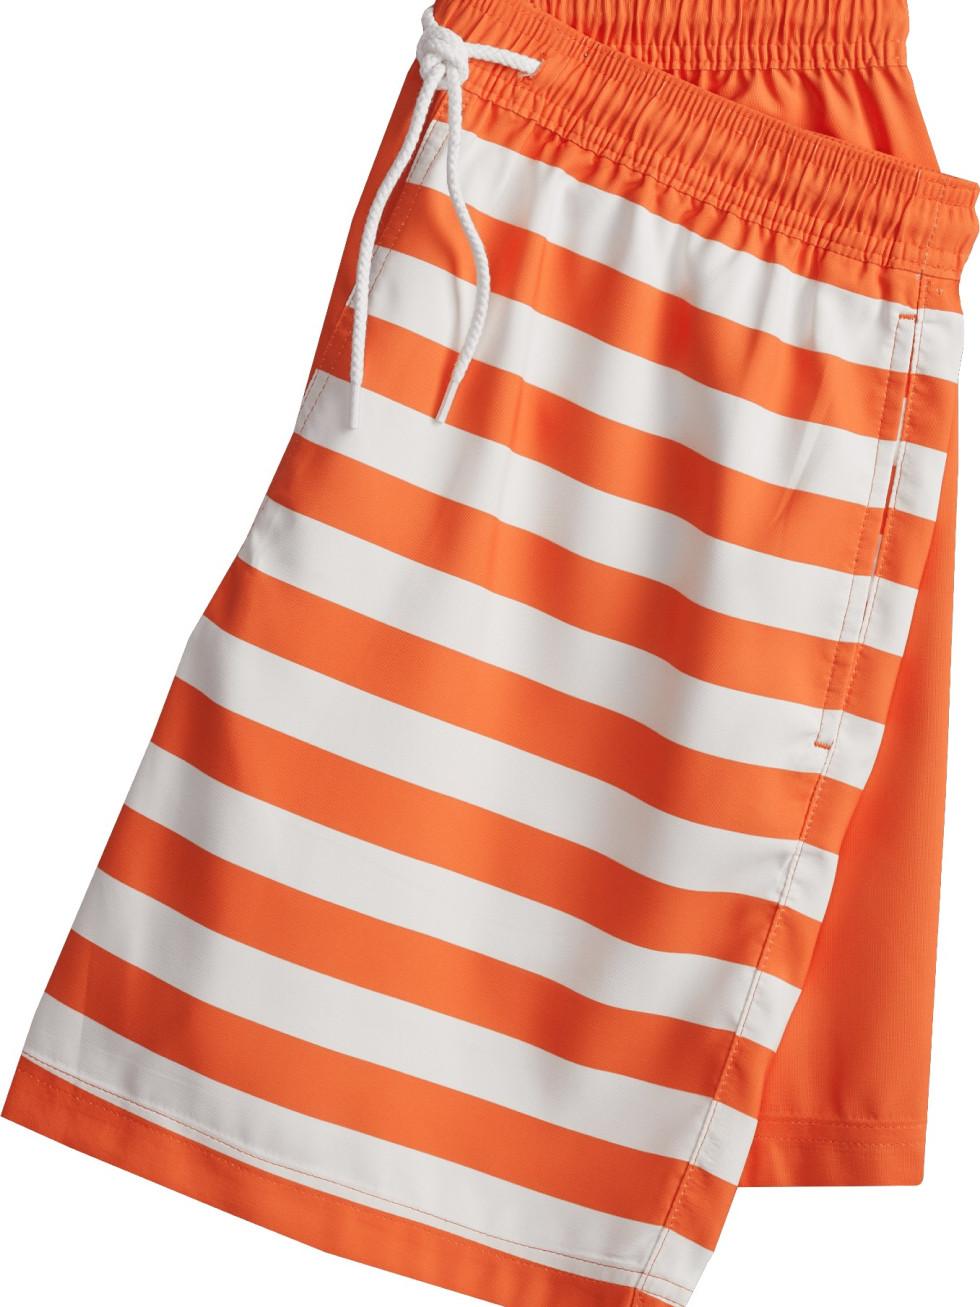 Whataburger Academy clothing line stripe shorts